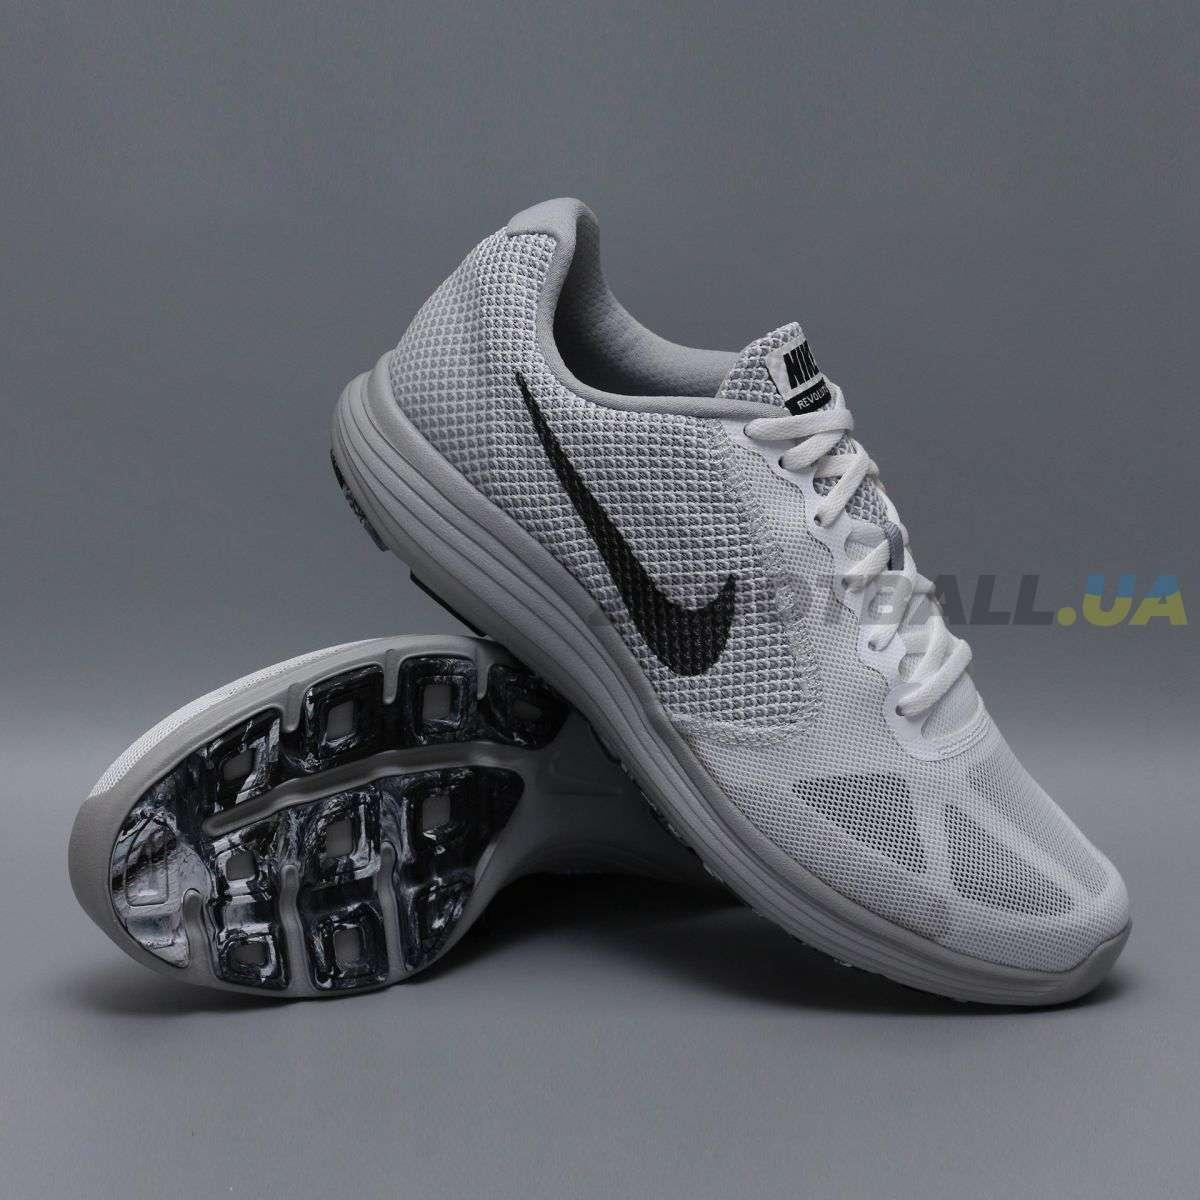 Кроссовки — купить модные оригинальные спортивные фирменные ... d562f2fb7da